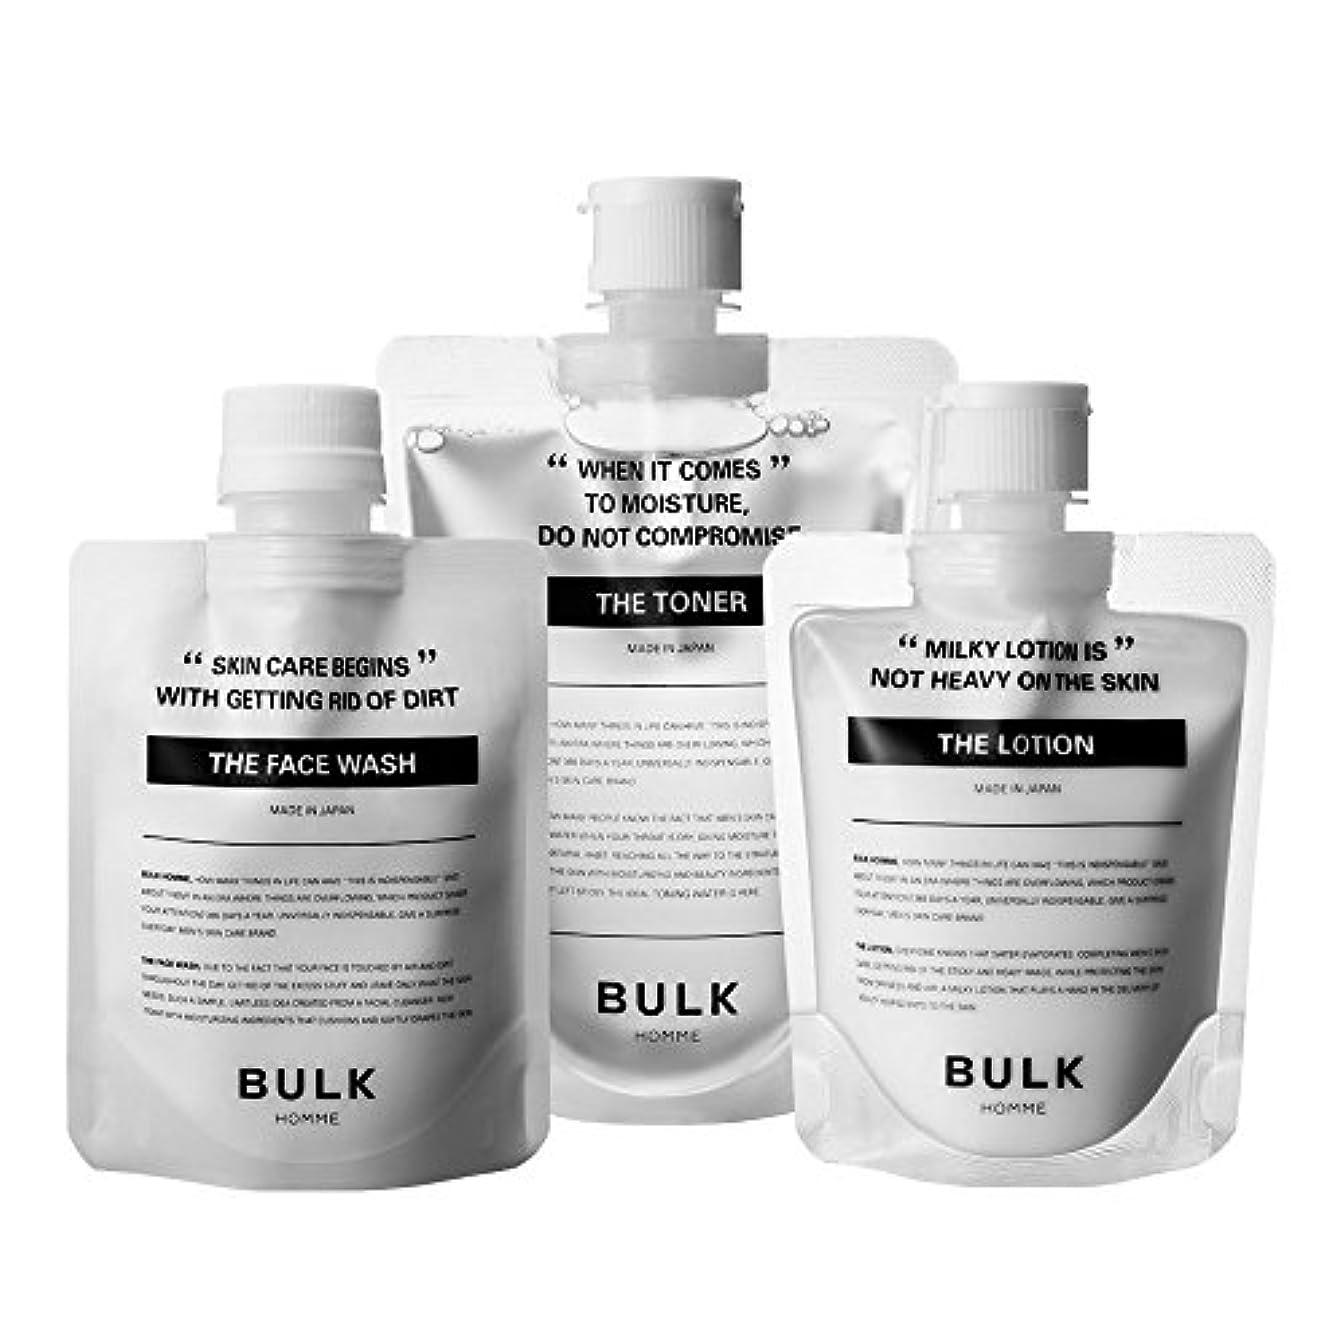 発見奪うアクションバルクオム フェイスケアセット(メンズスキンケア) 洗顔&化粧水&乳液